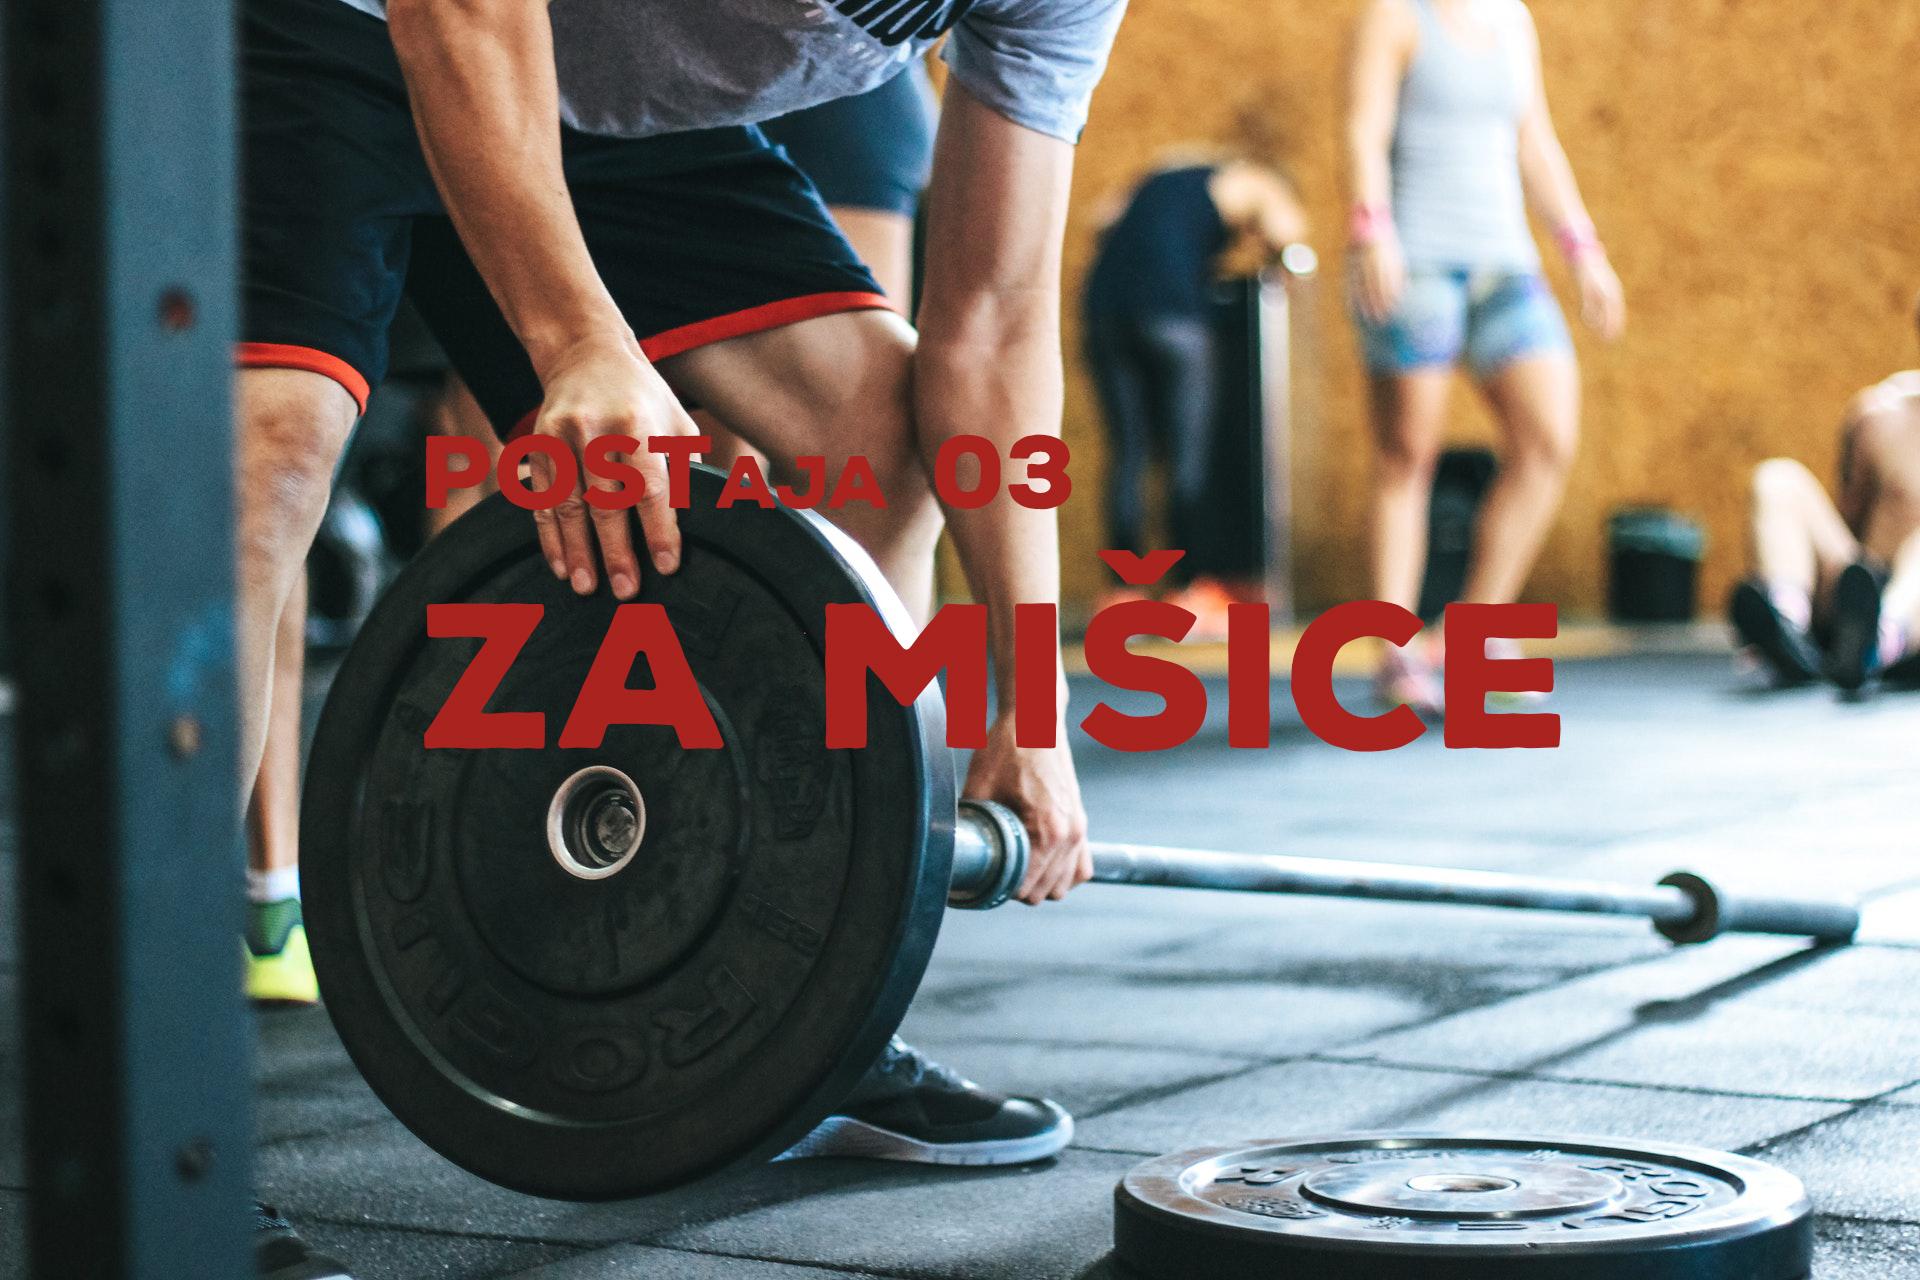 Postaja 03: Za mišice